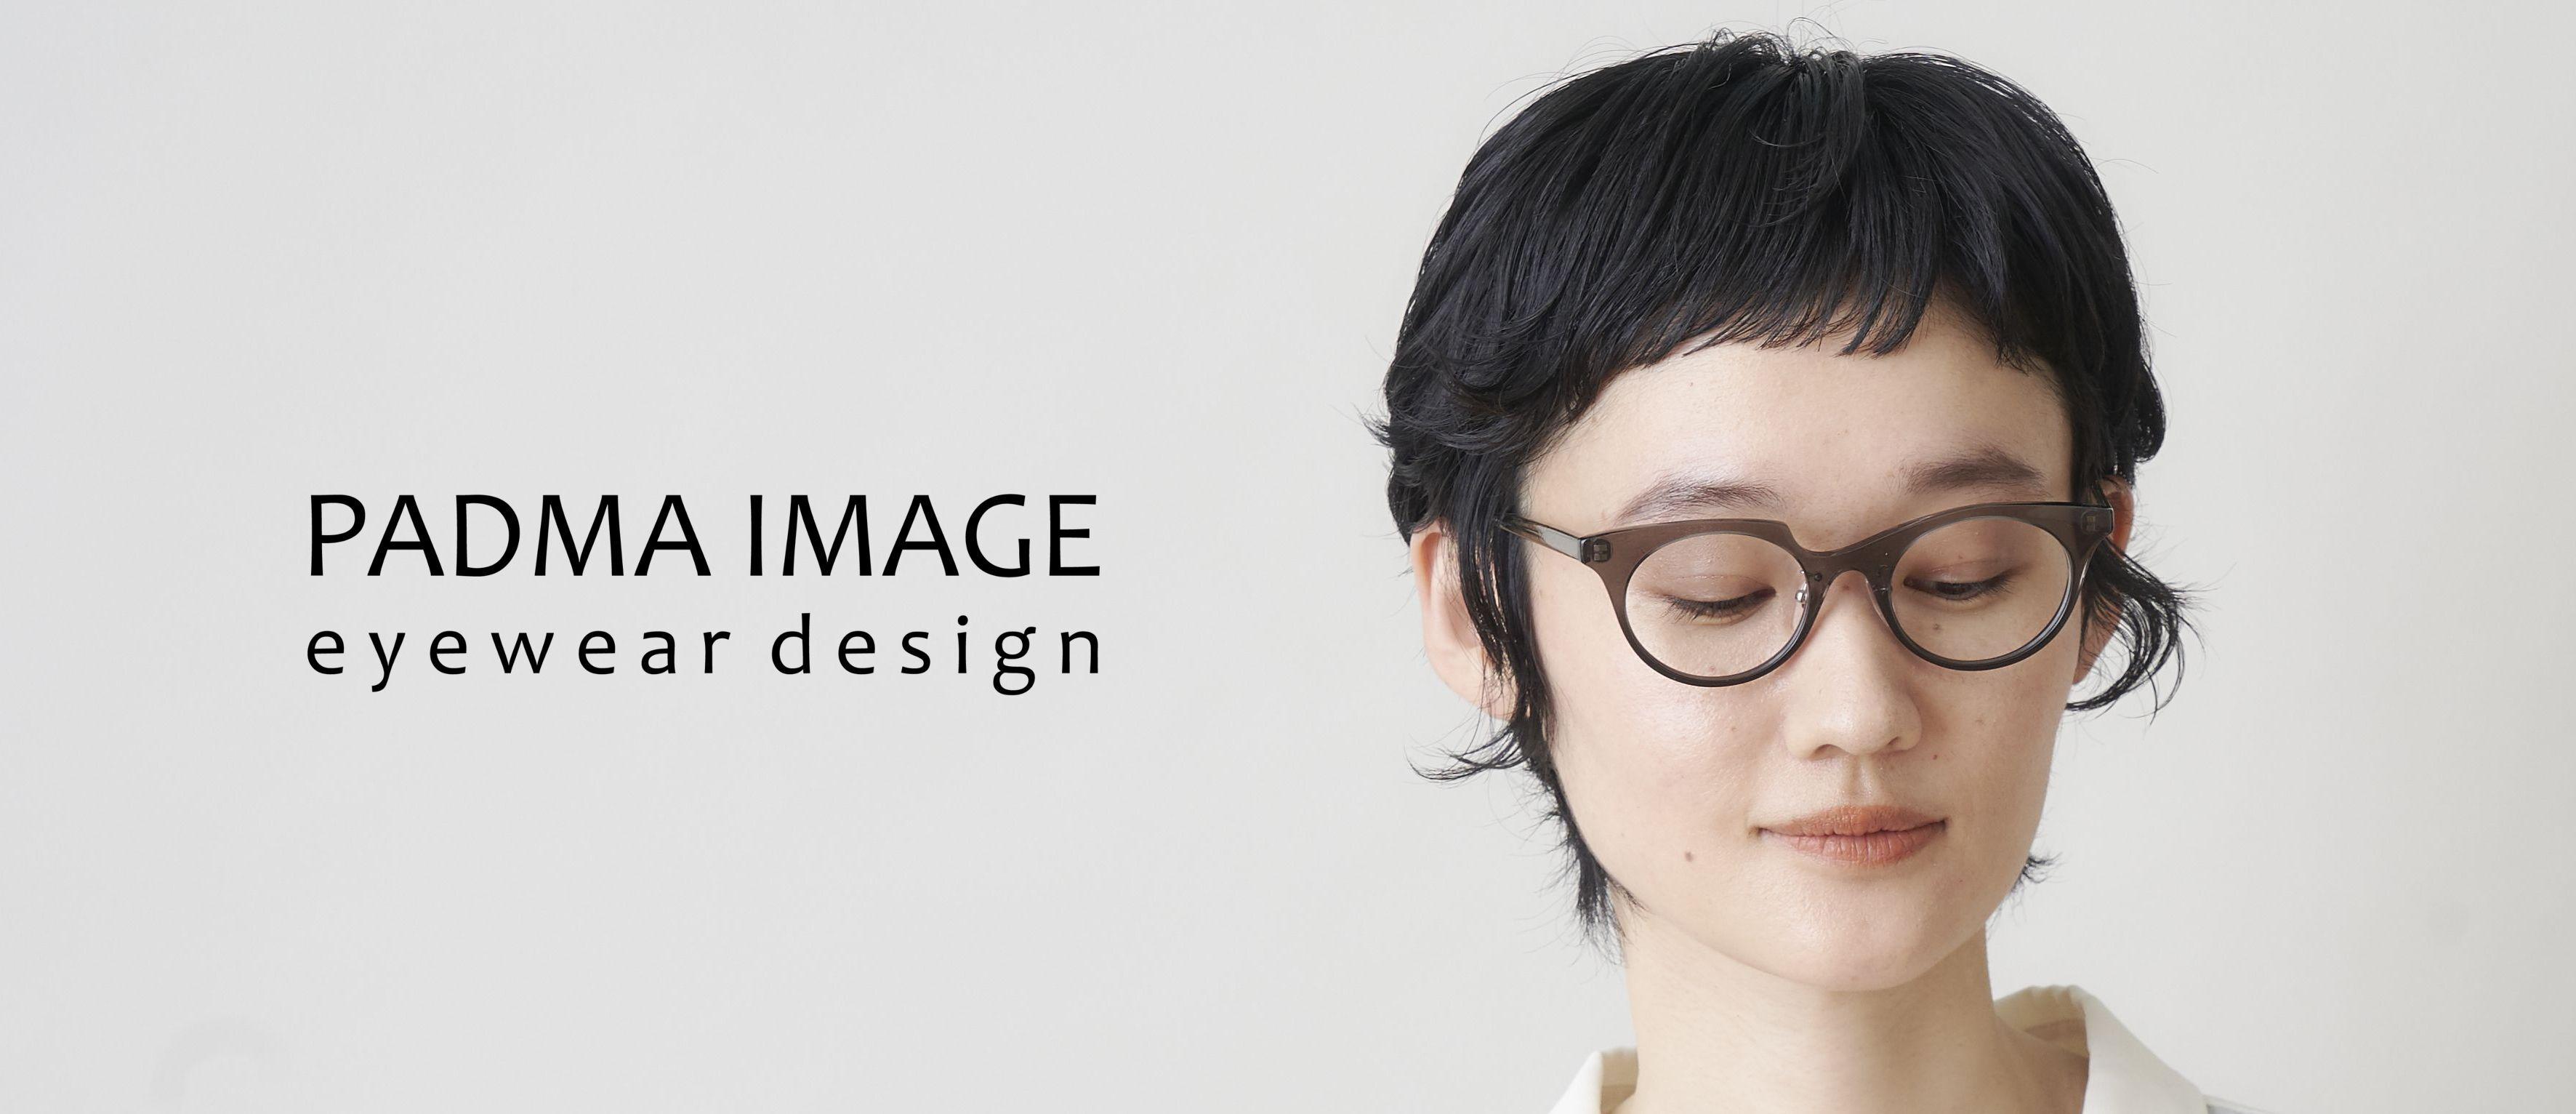 PADMA IMAGE eyewear design